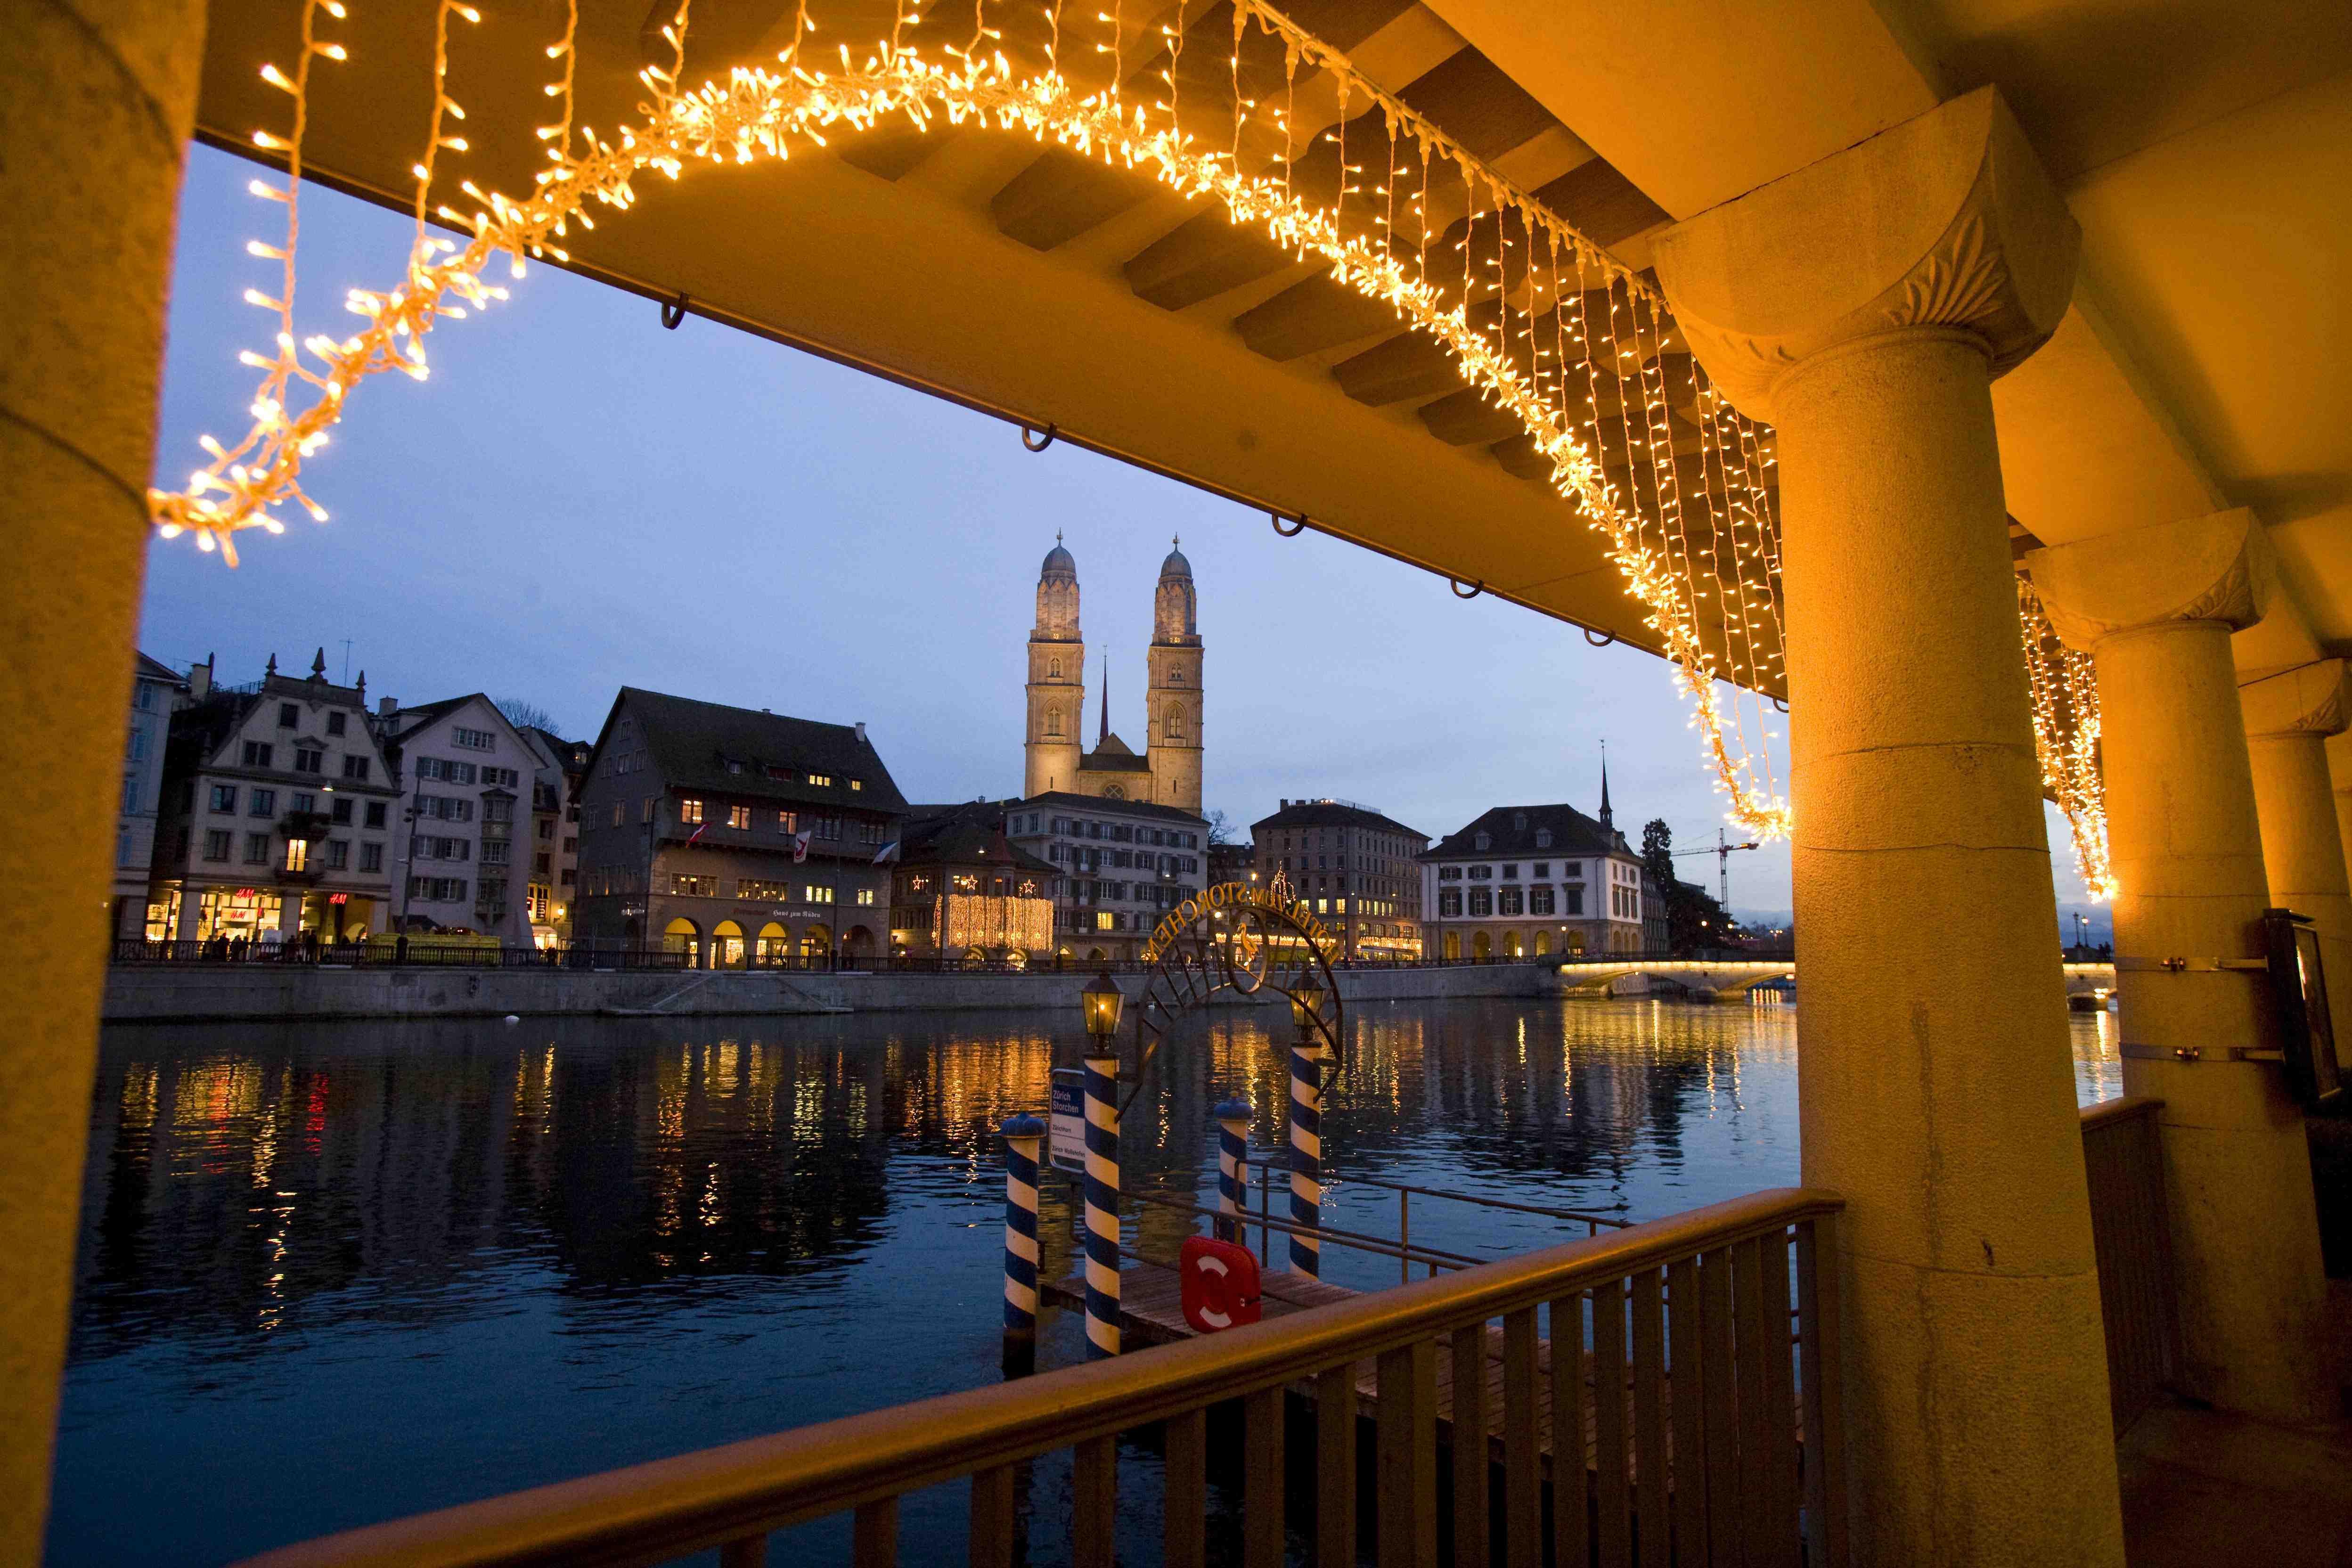 Decorazioni Natalizie Lugano.Natale In Svizzera Guida Ai Mercatini